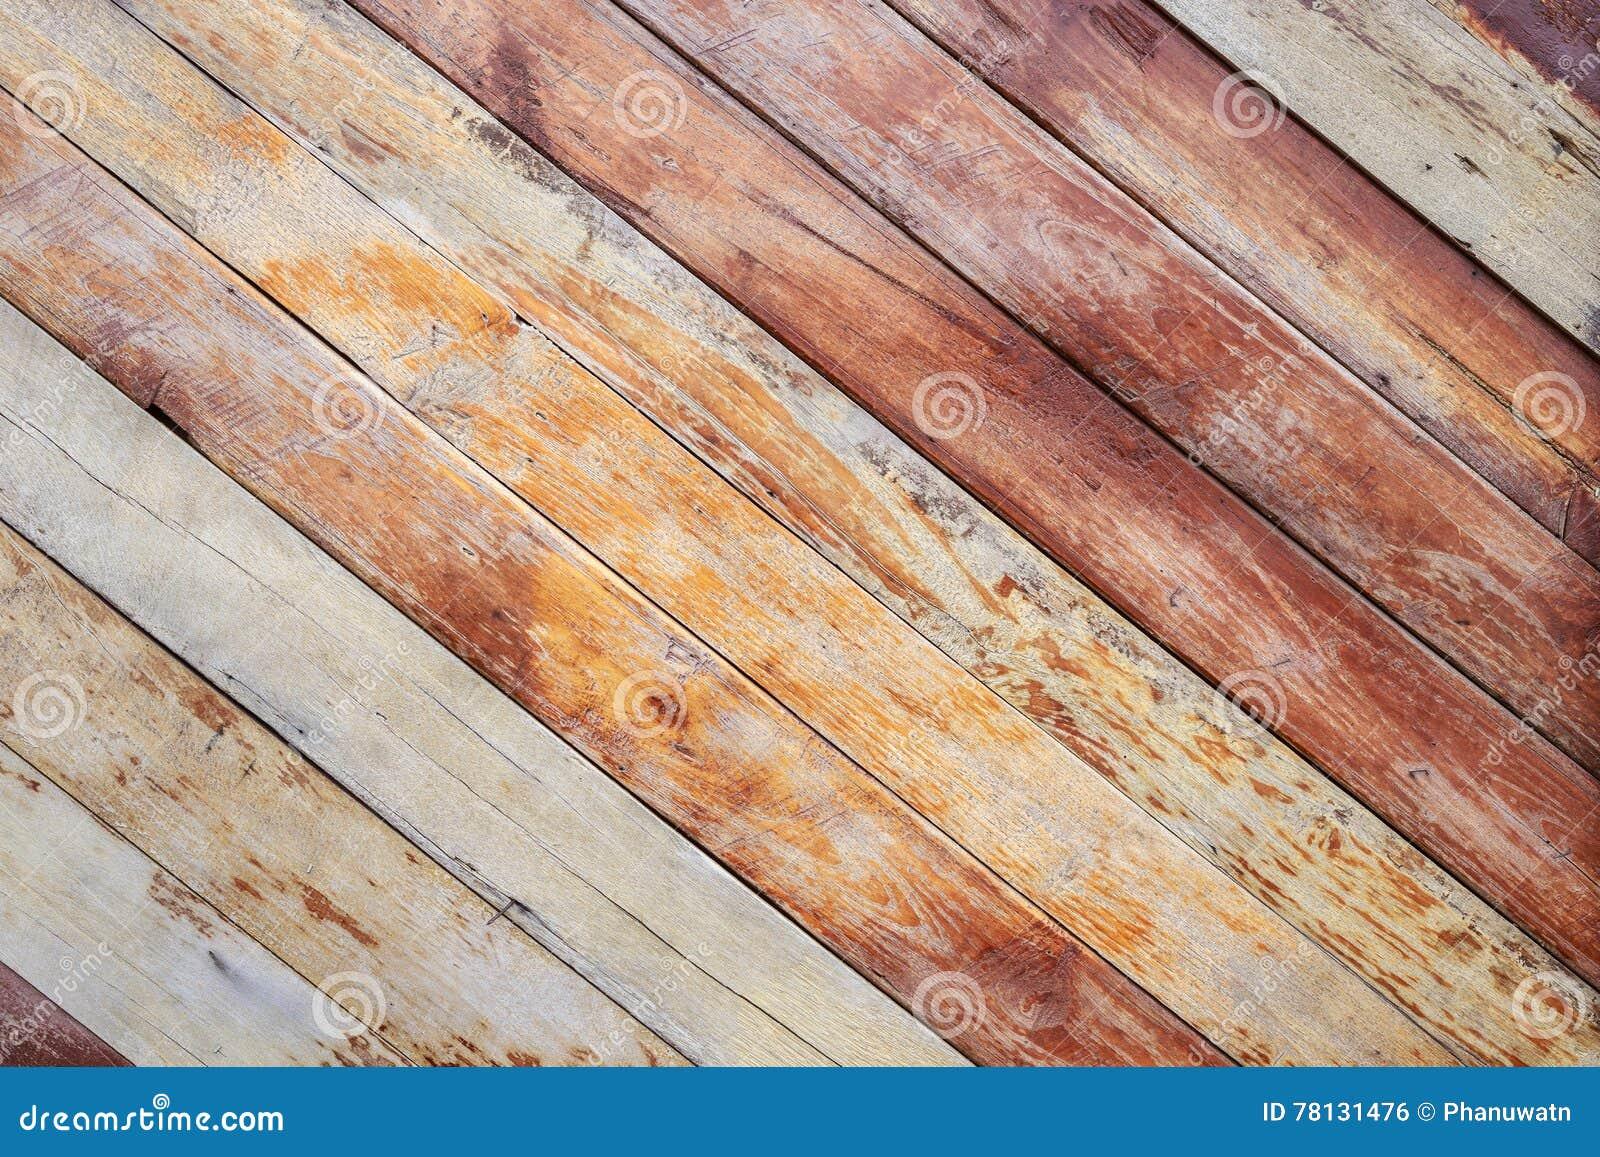 Suelo de madera exterior amazing conoce el suelo para - Suelo de madera exterior ...